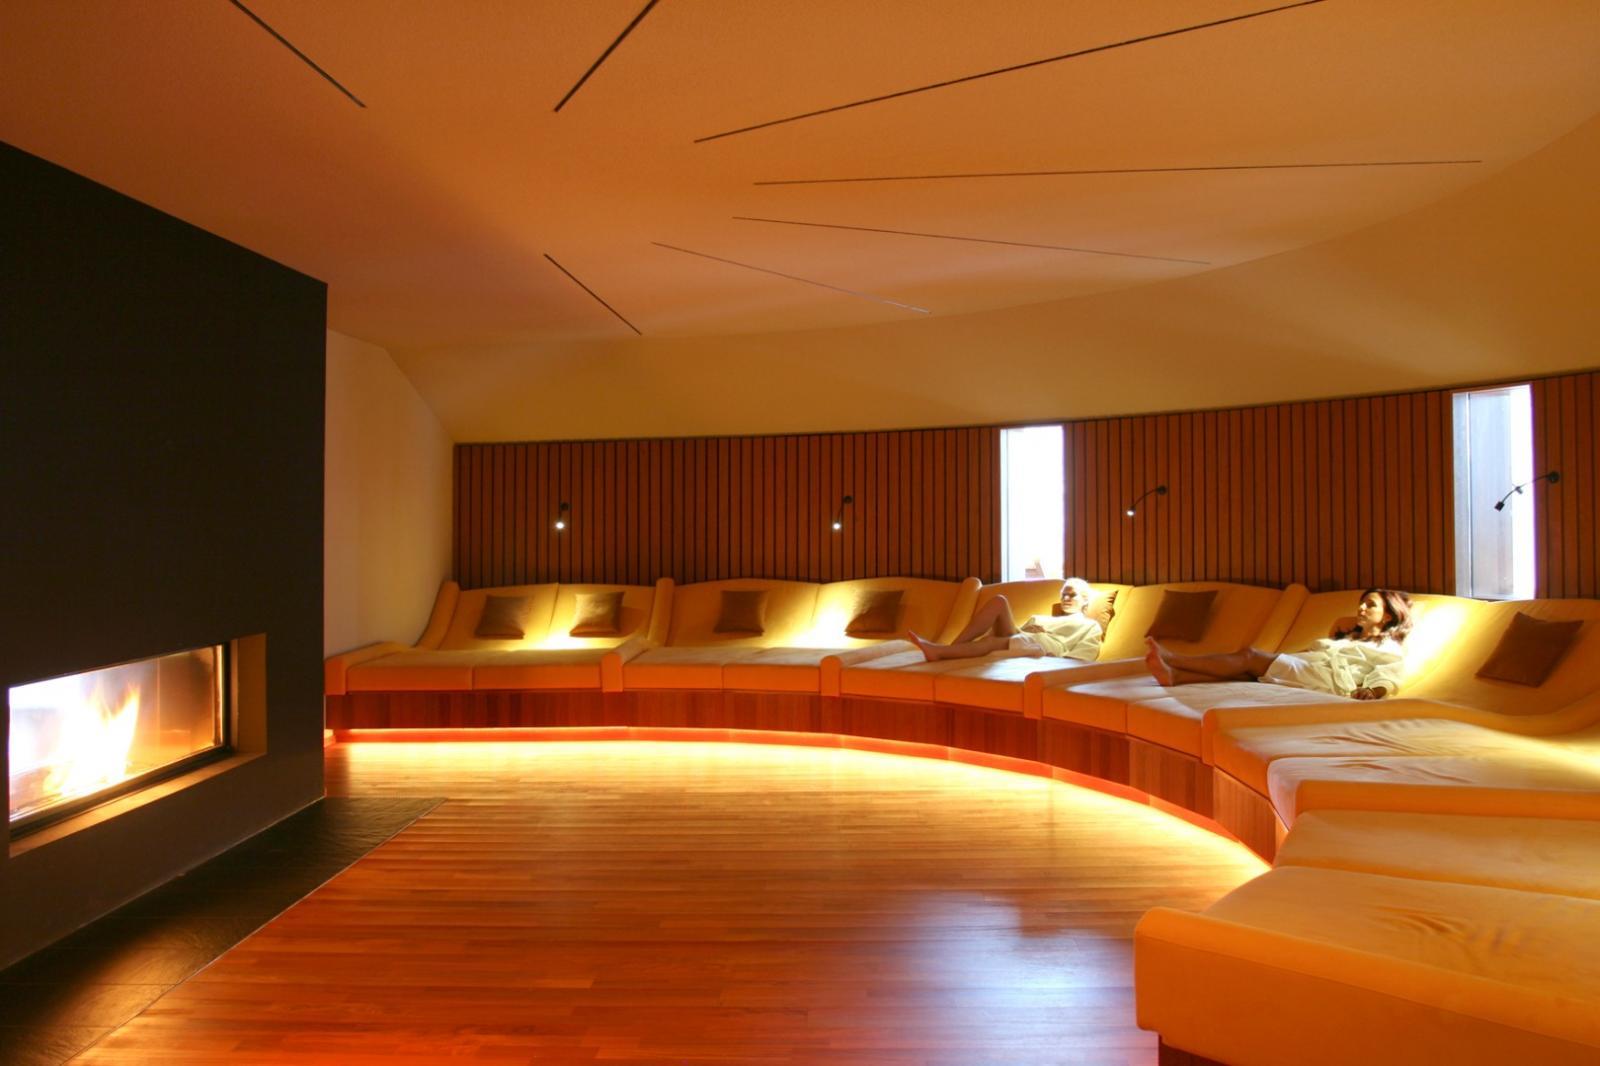 wellnesshotels schw bisch fr nkischer wald ab 71. Black Bedroom Furniture Sets. Home Design Ideas